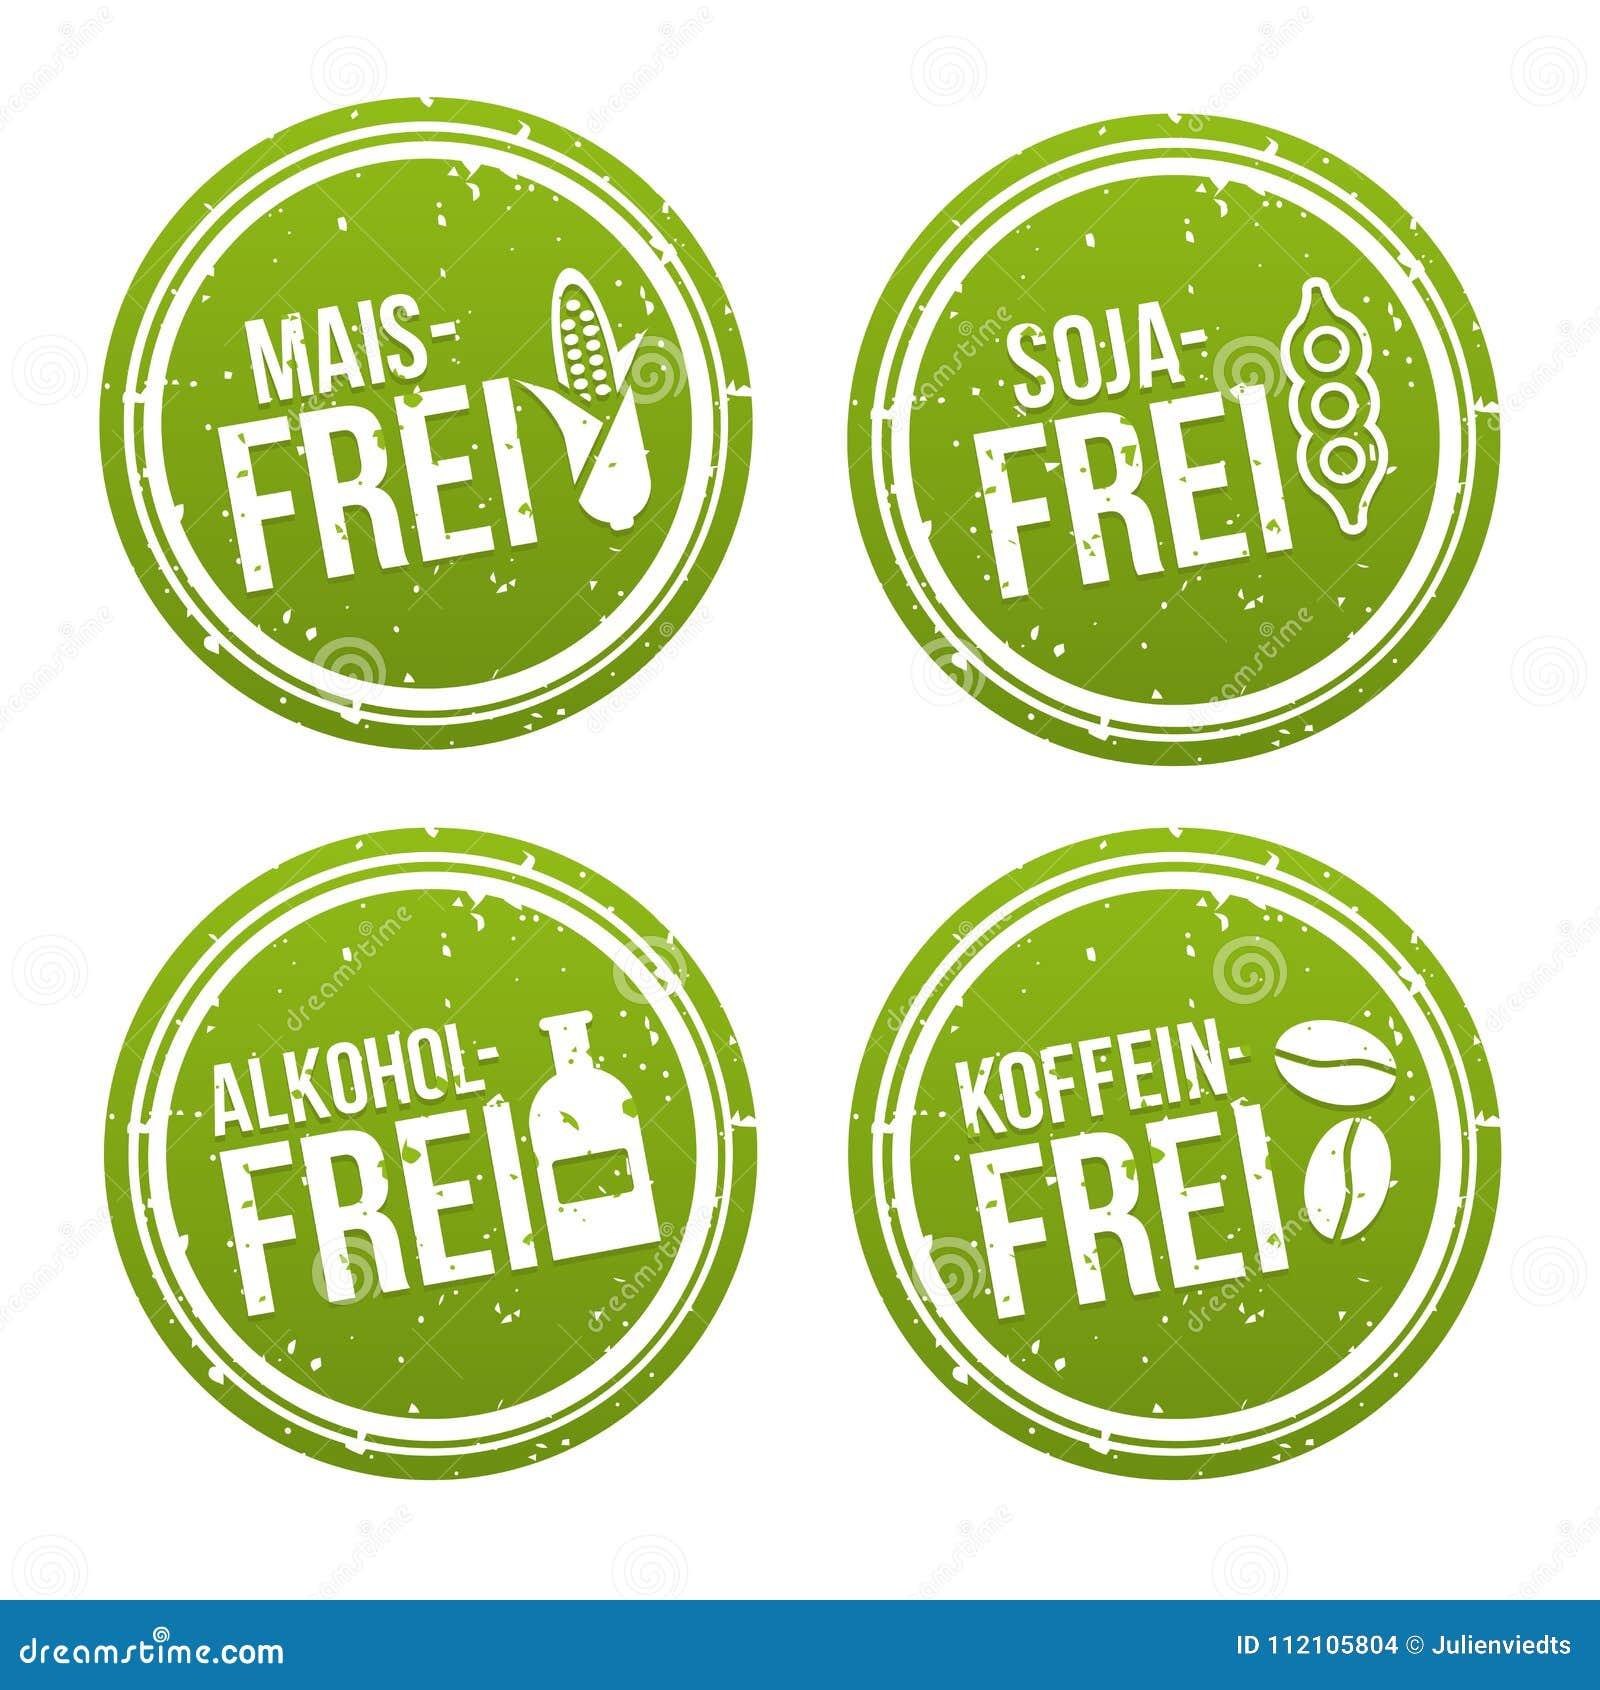 Cereale bollo libero senza alcool e di coffeine liberano, della soia libera, - Maisfrei, Sojafrei, und Koffeinfrei Stempel di Alk